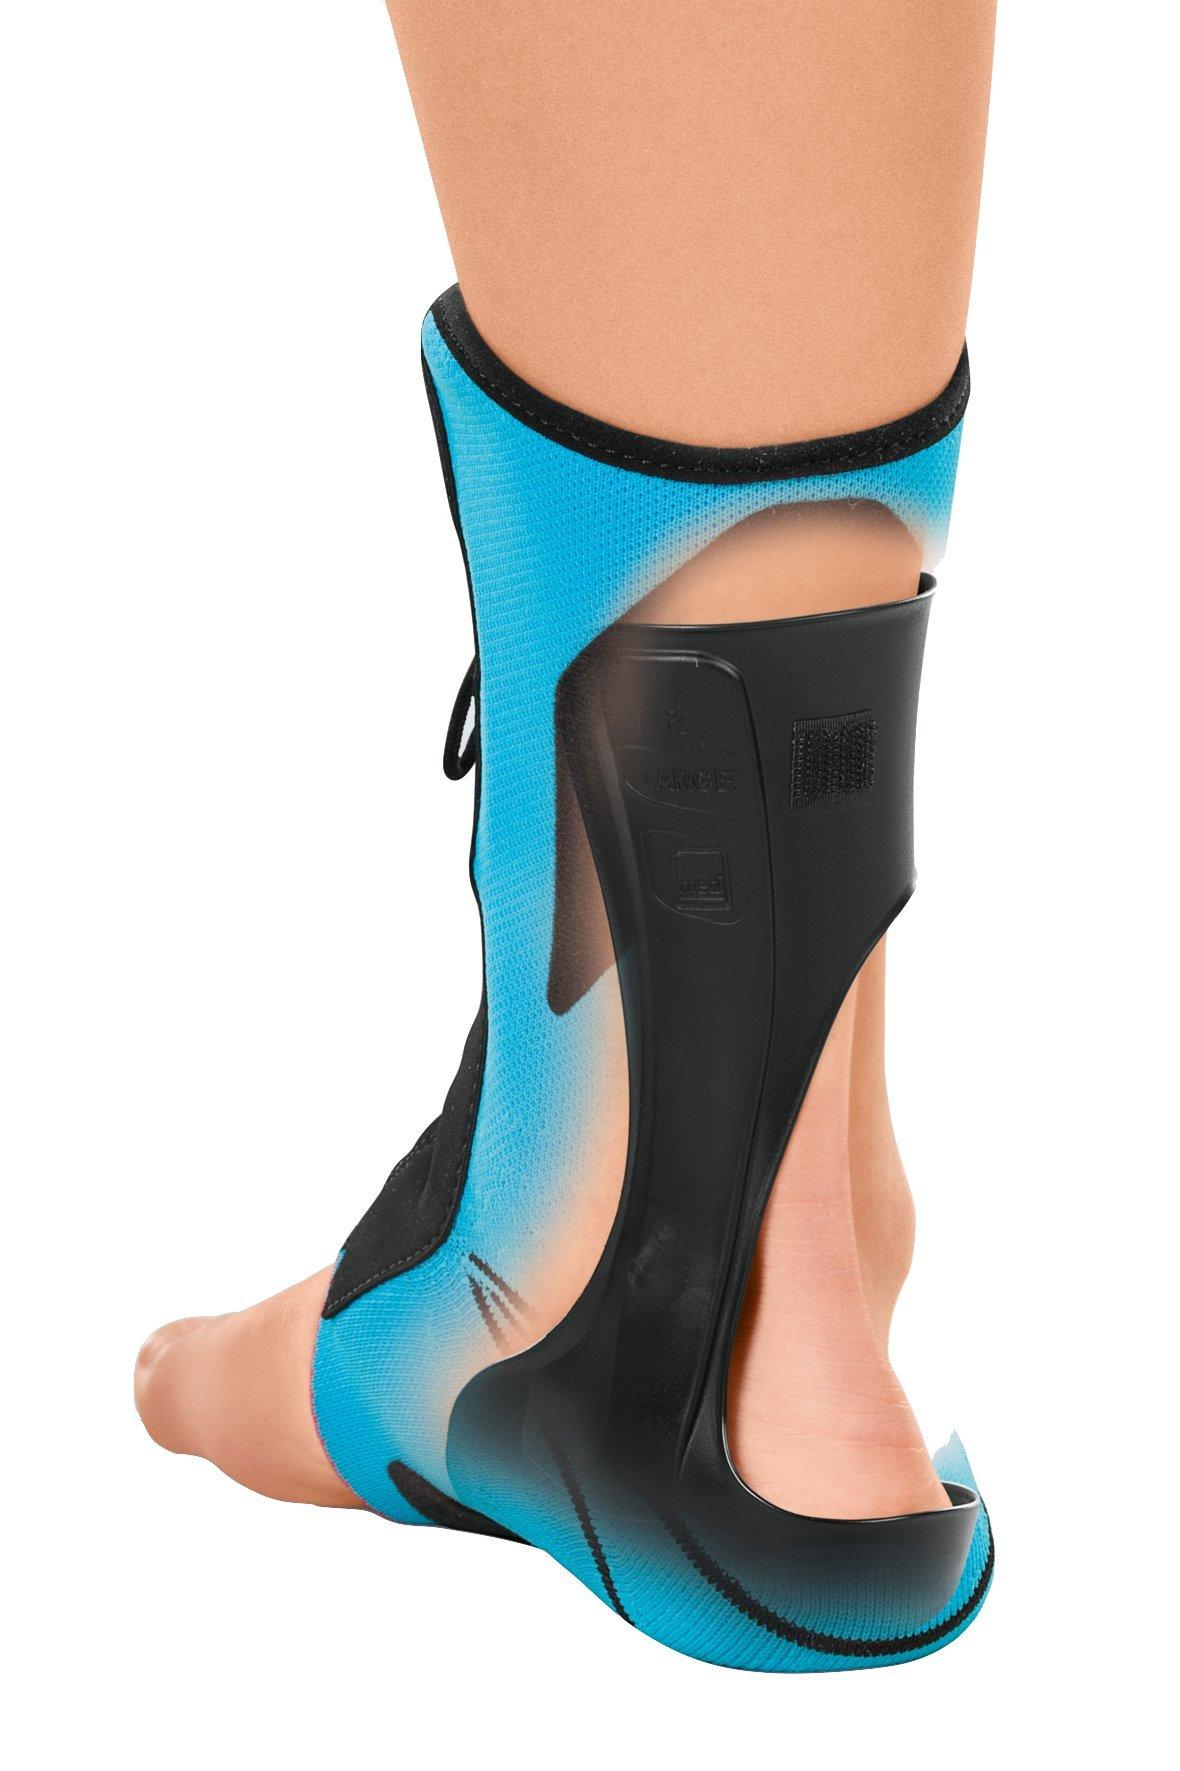 Medi Levamed Stabili-Tri Knit Ankle Support (Blue) Left Size I by Medi (Image #3)